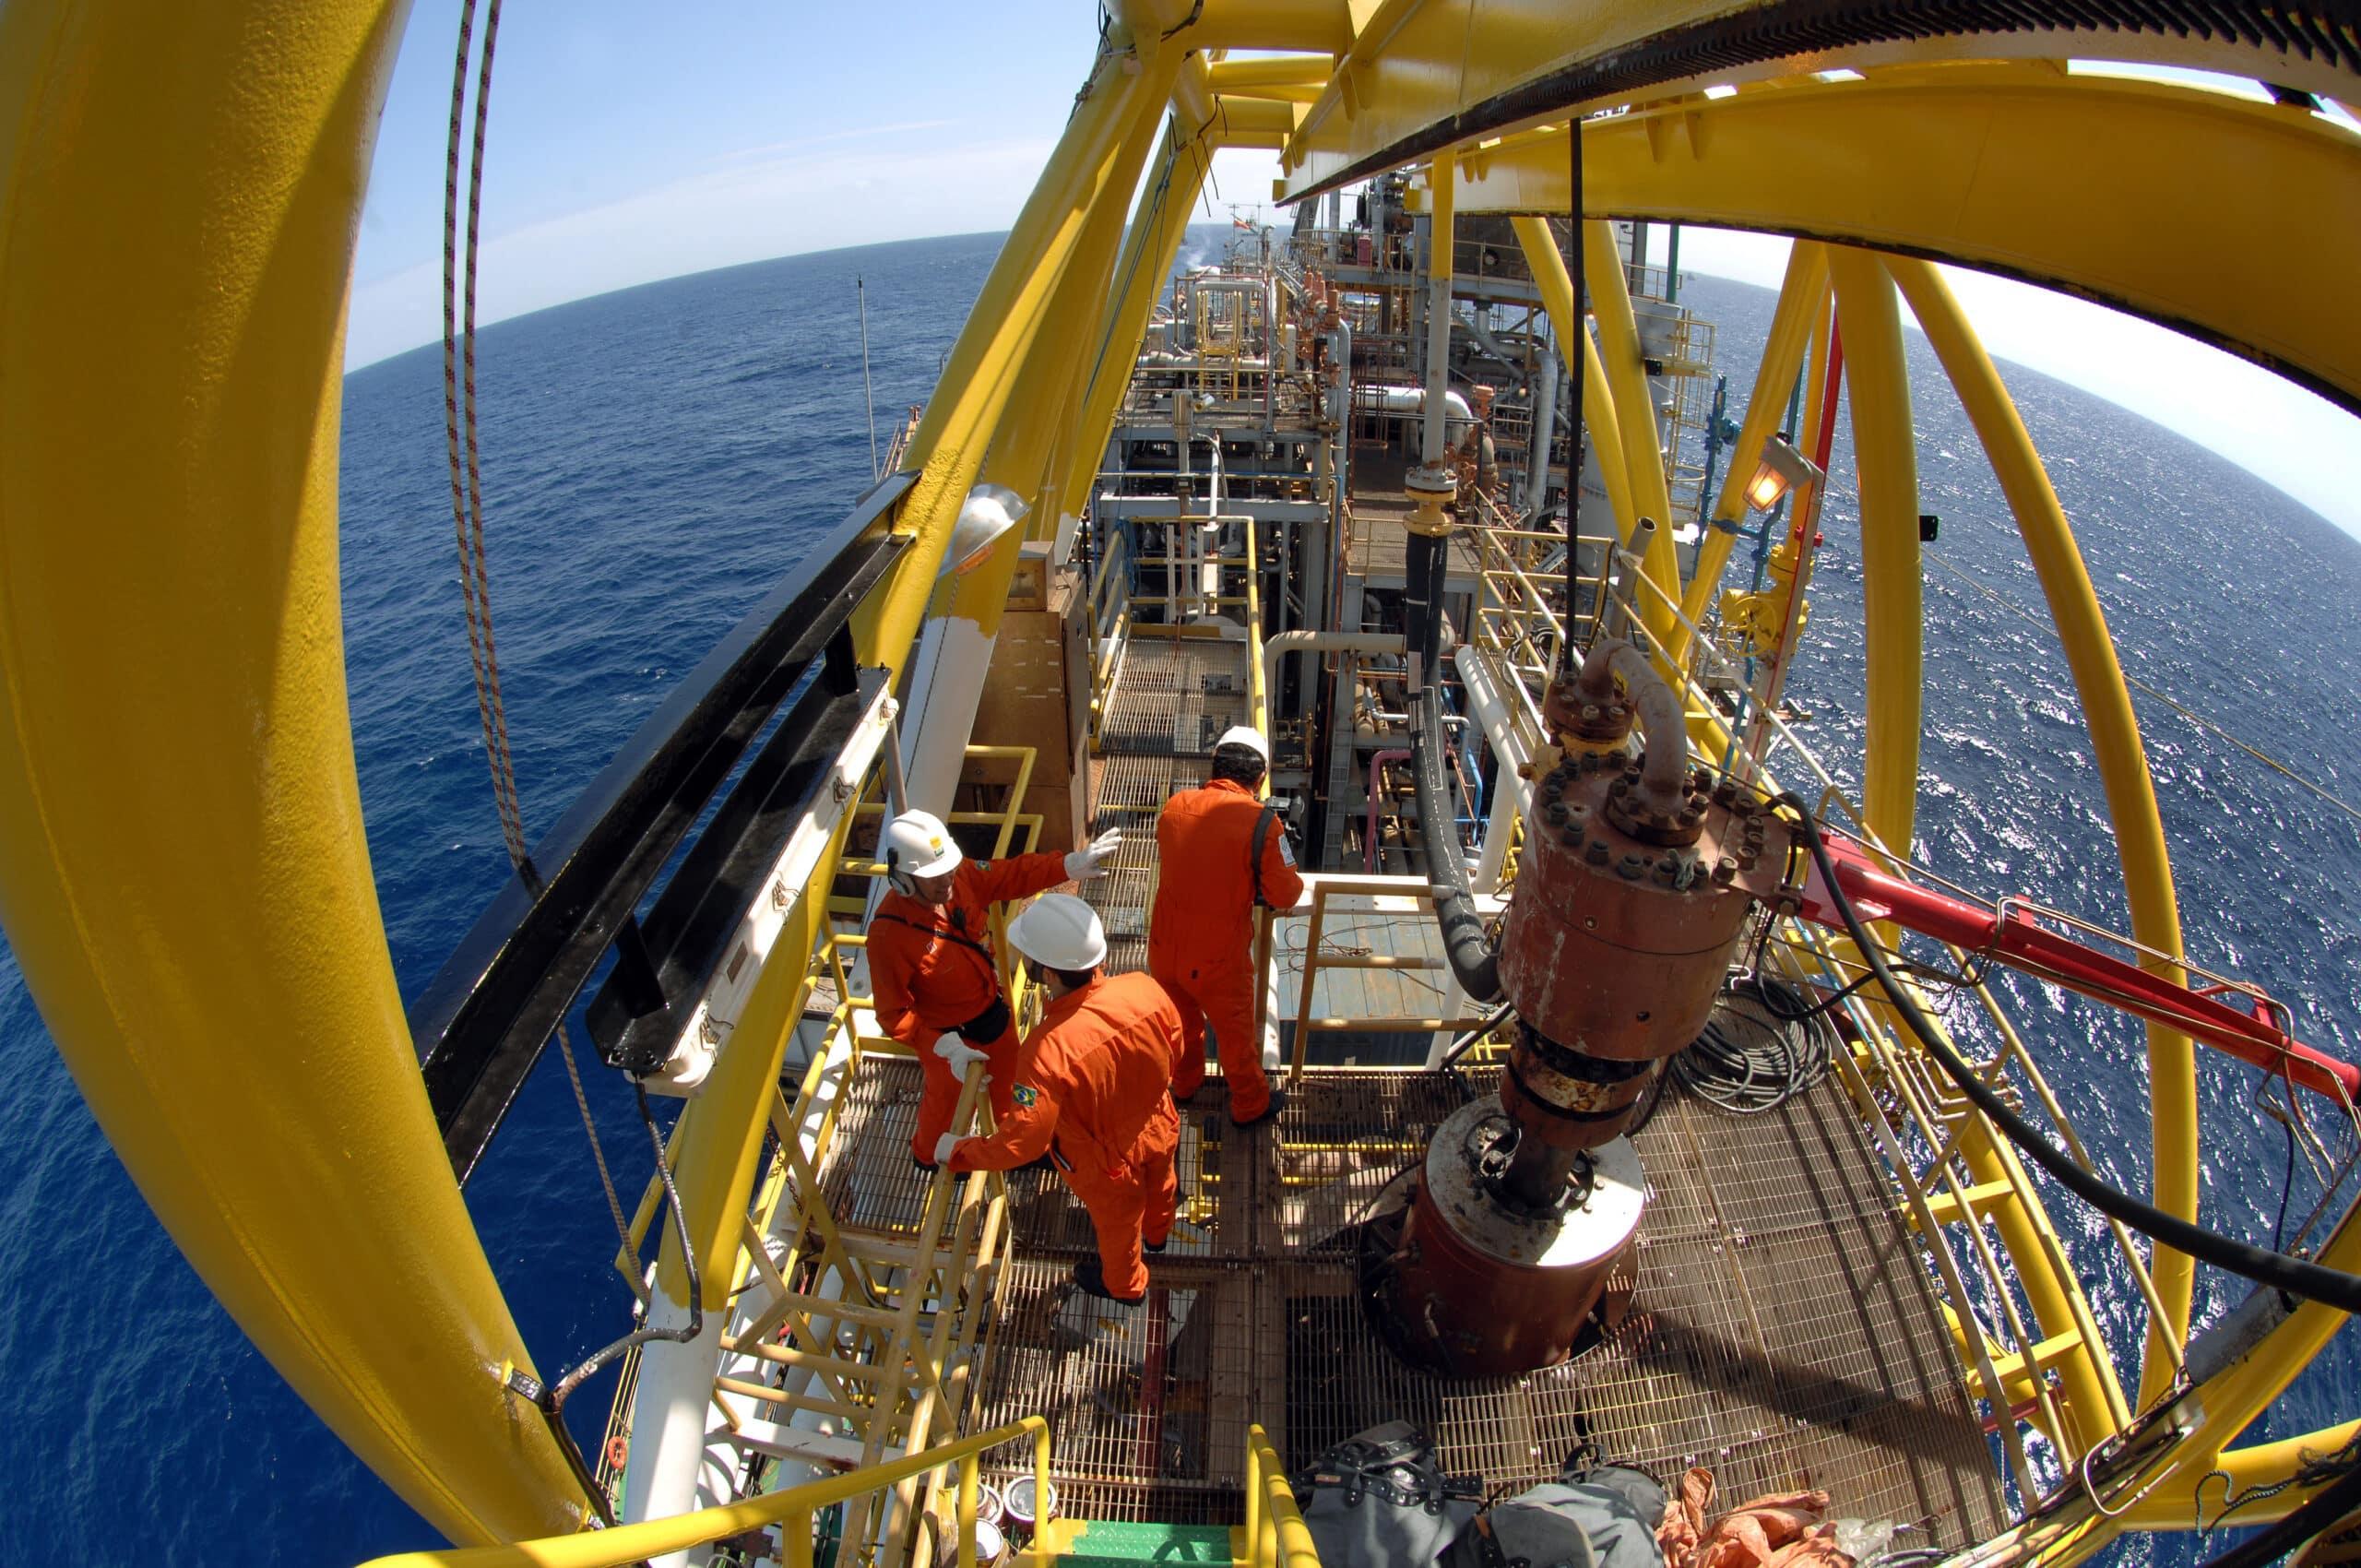 petróleo - produção - petrobras - bacia de campos - óleo e gás - rio de janeiro - revitalização